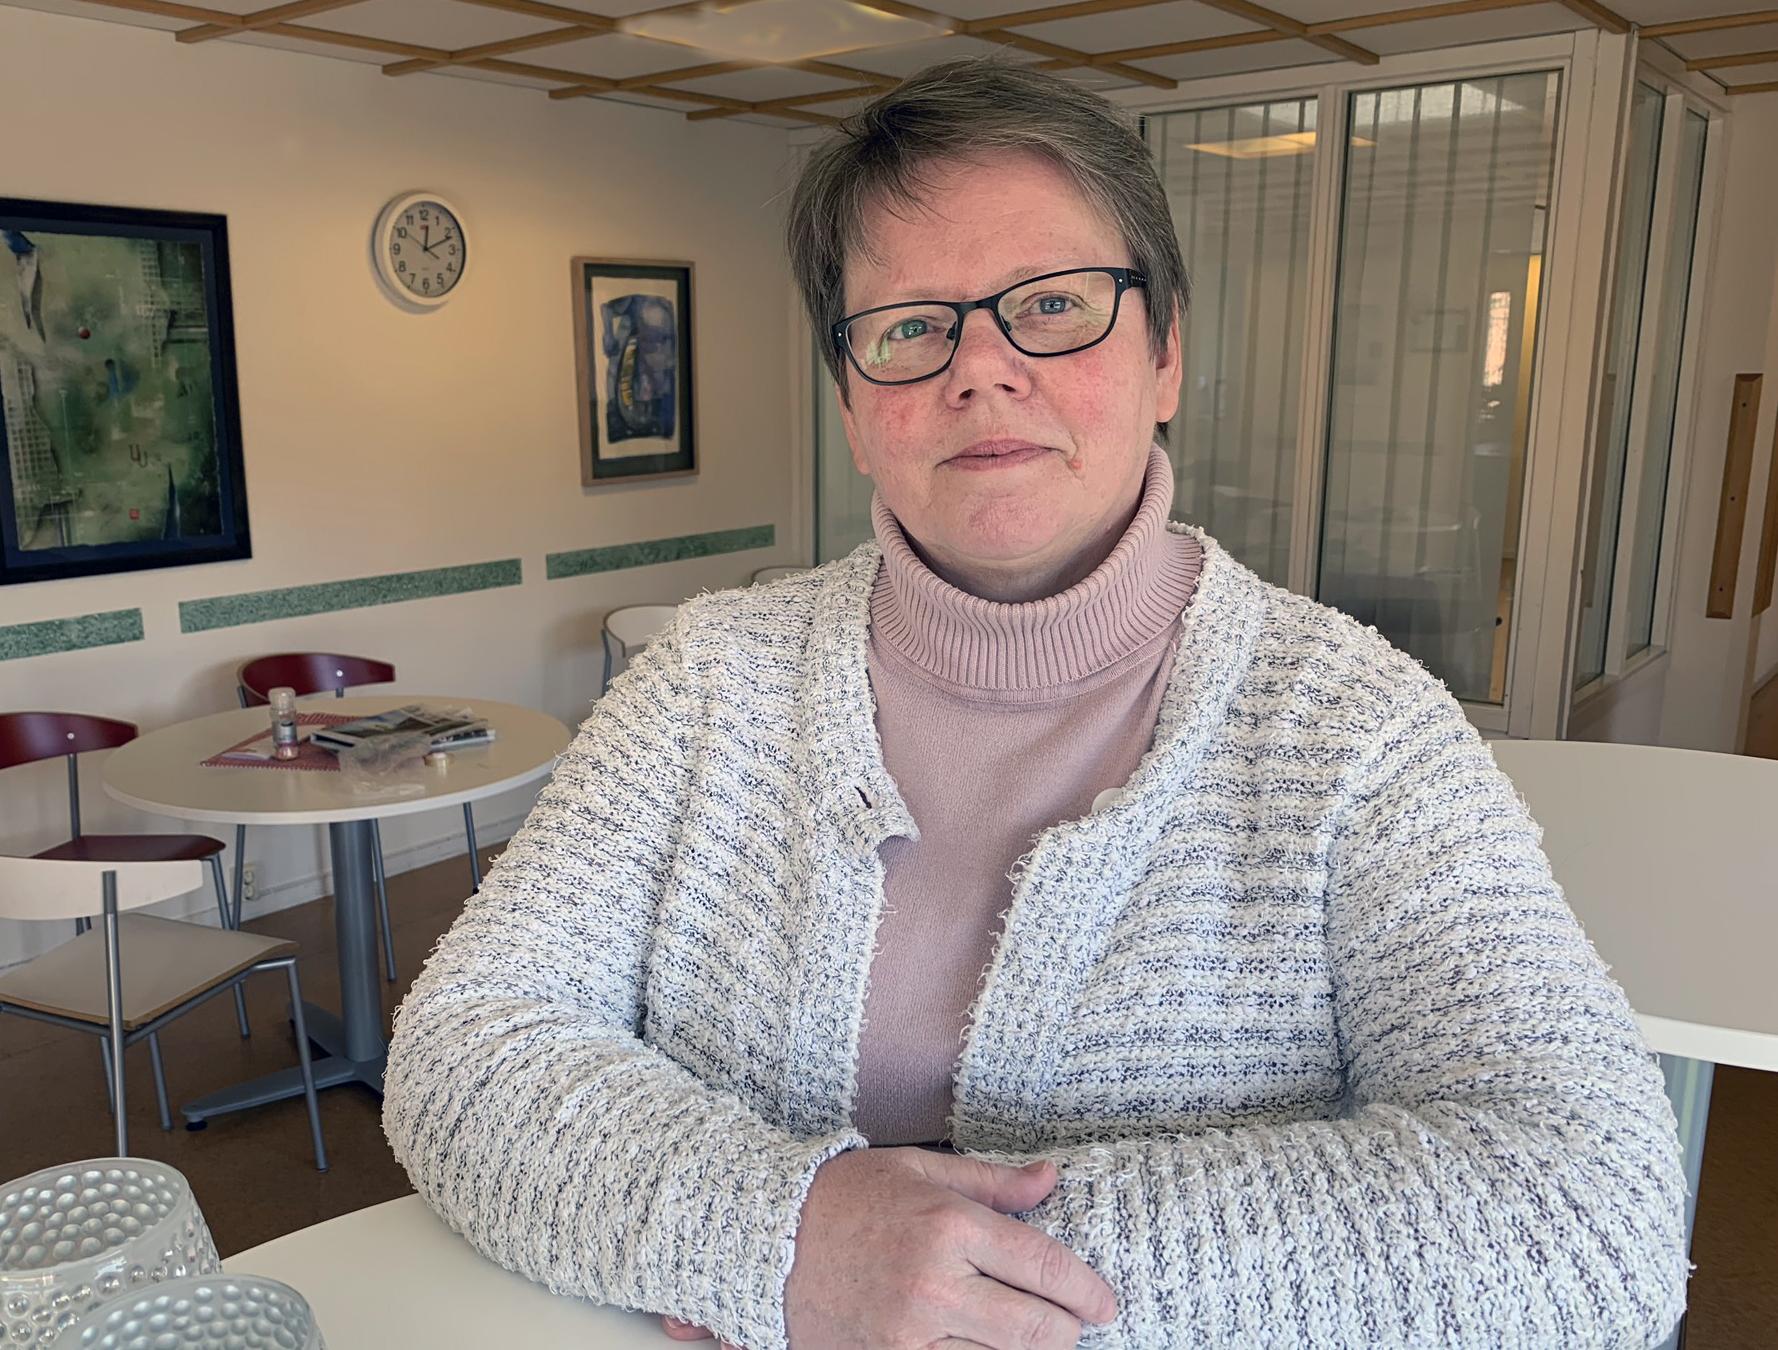 Kommunens medicinskt ansvarig sjuksköterska Pia Arndorff